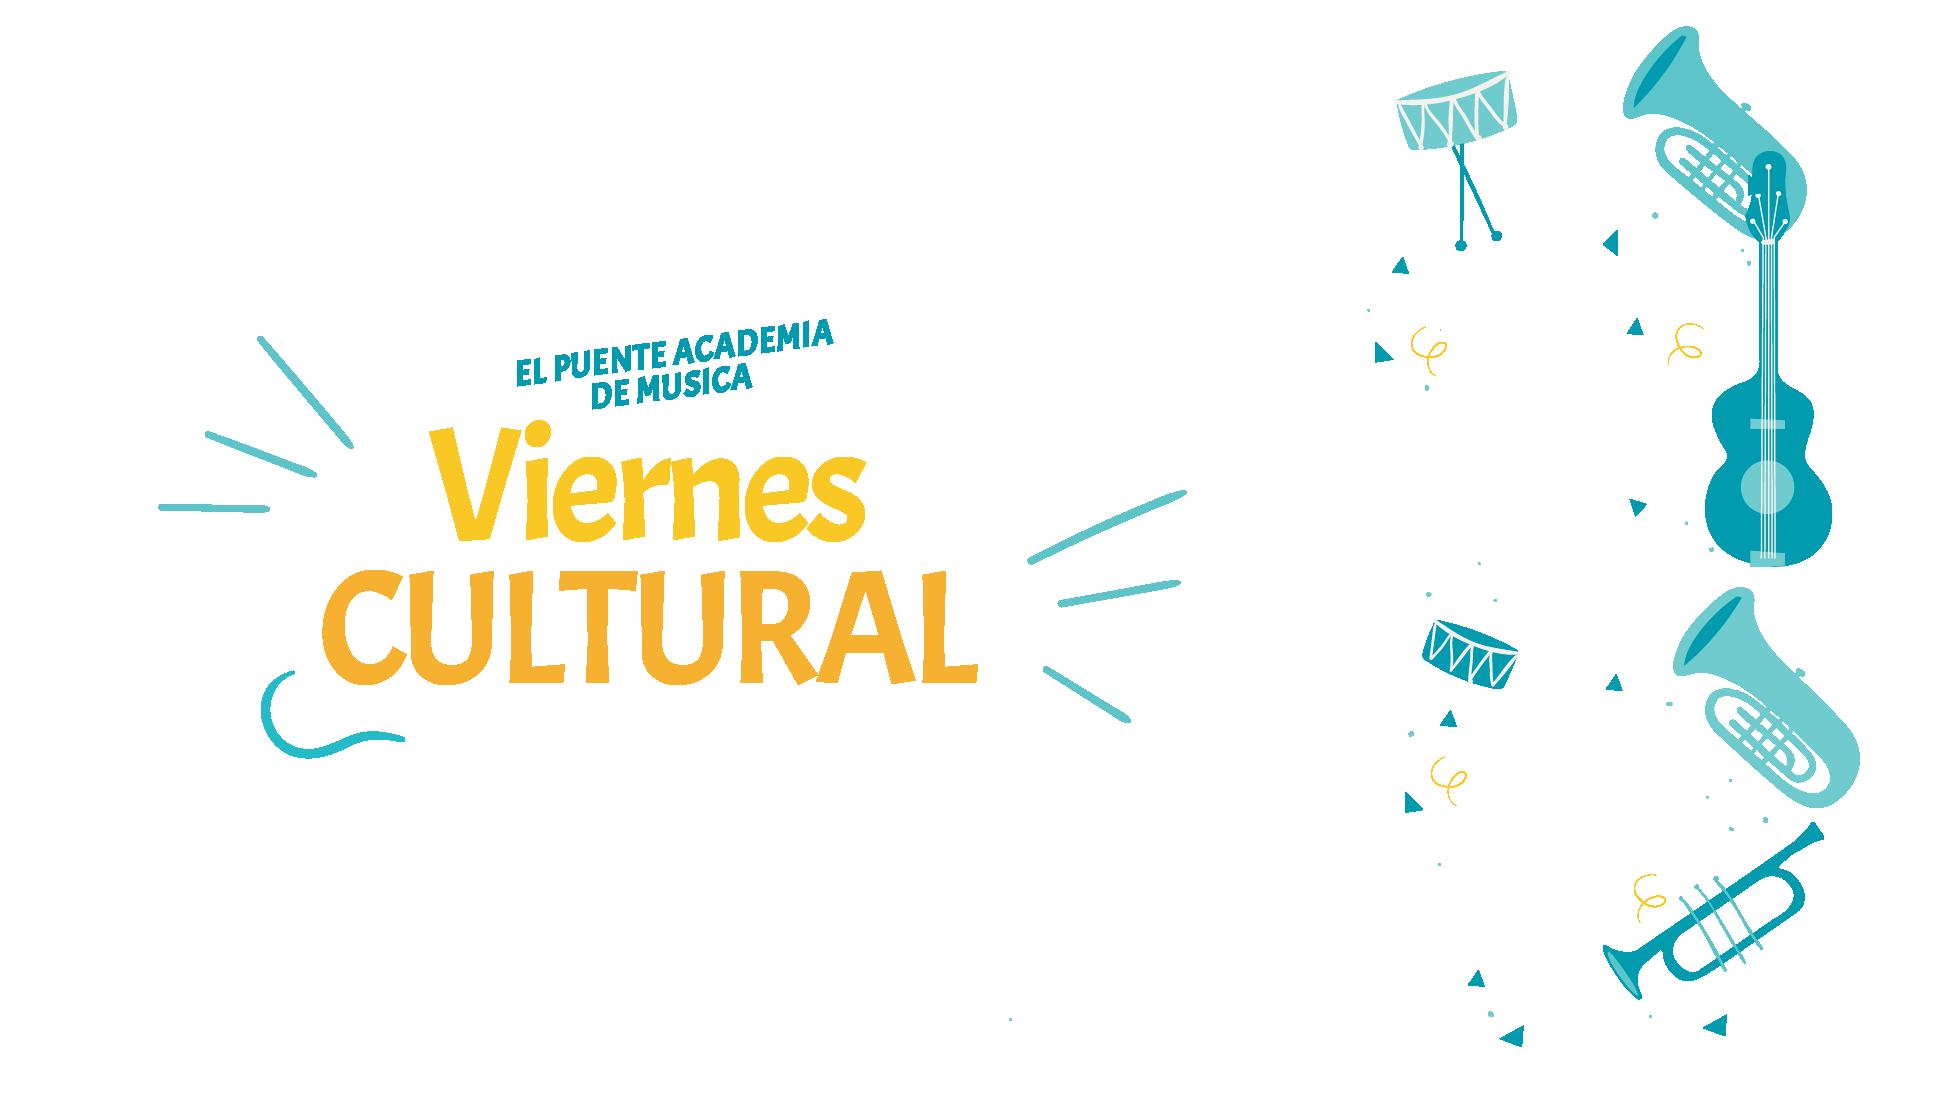 eL PUENTE- Viernes cultural